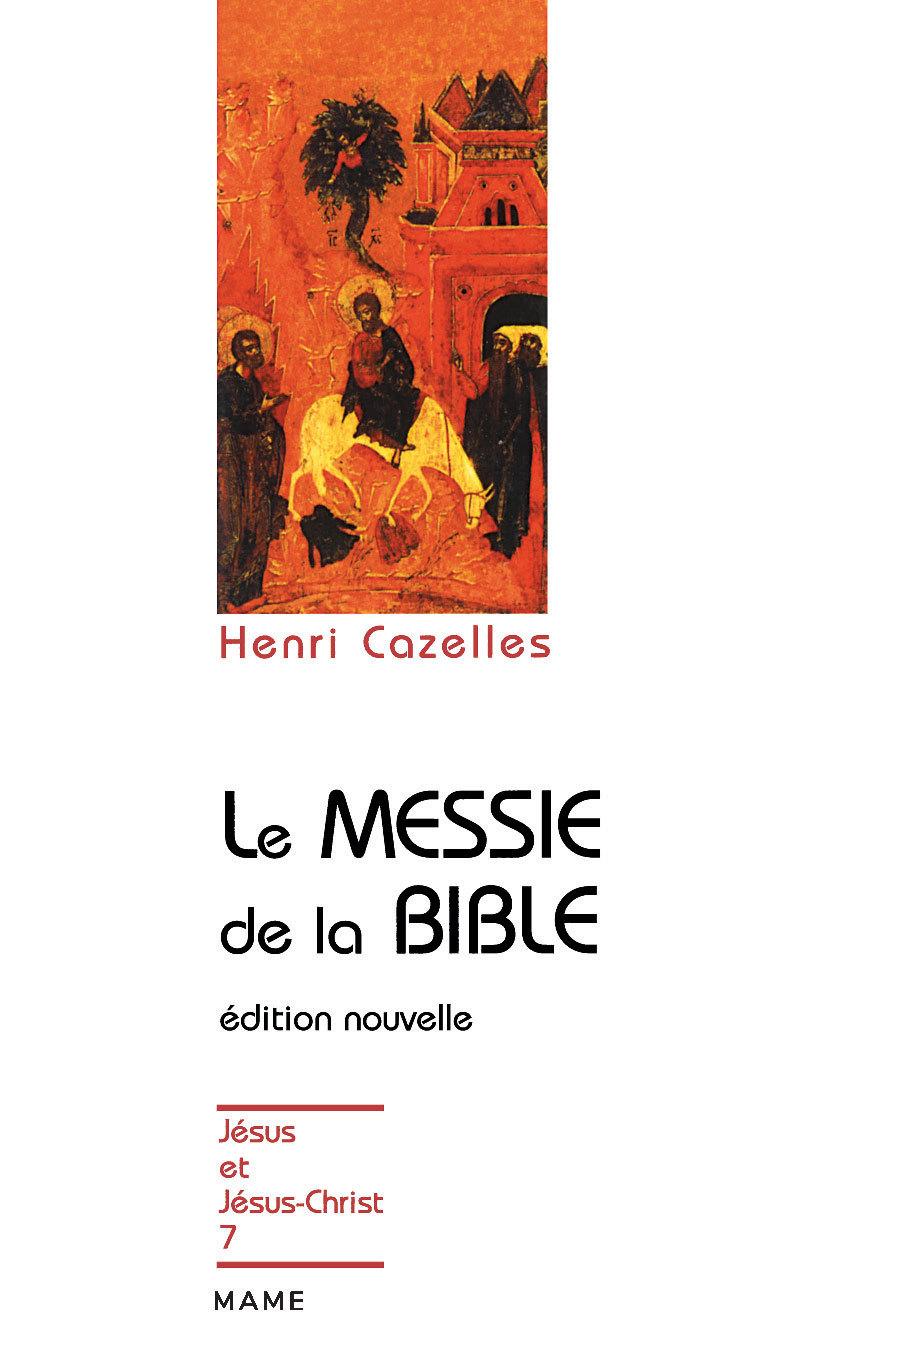 MESSIE DE LA BIBLE (LE)